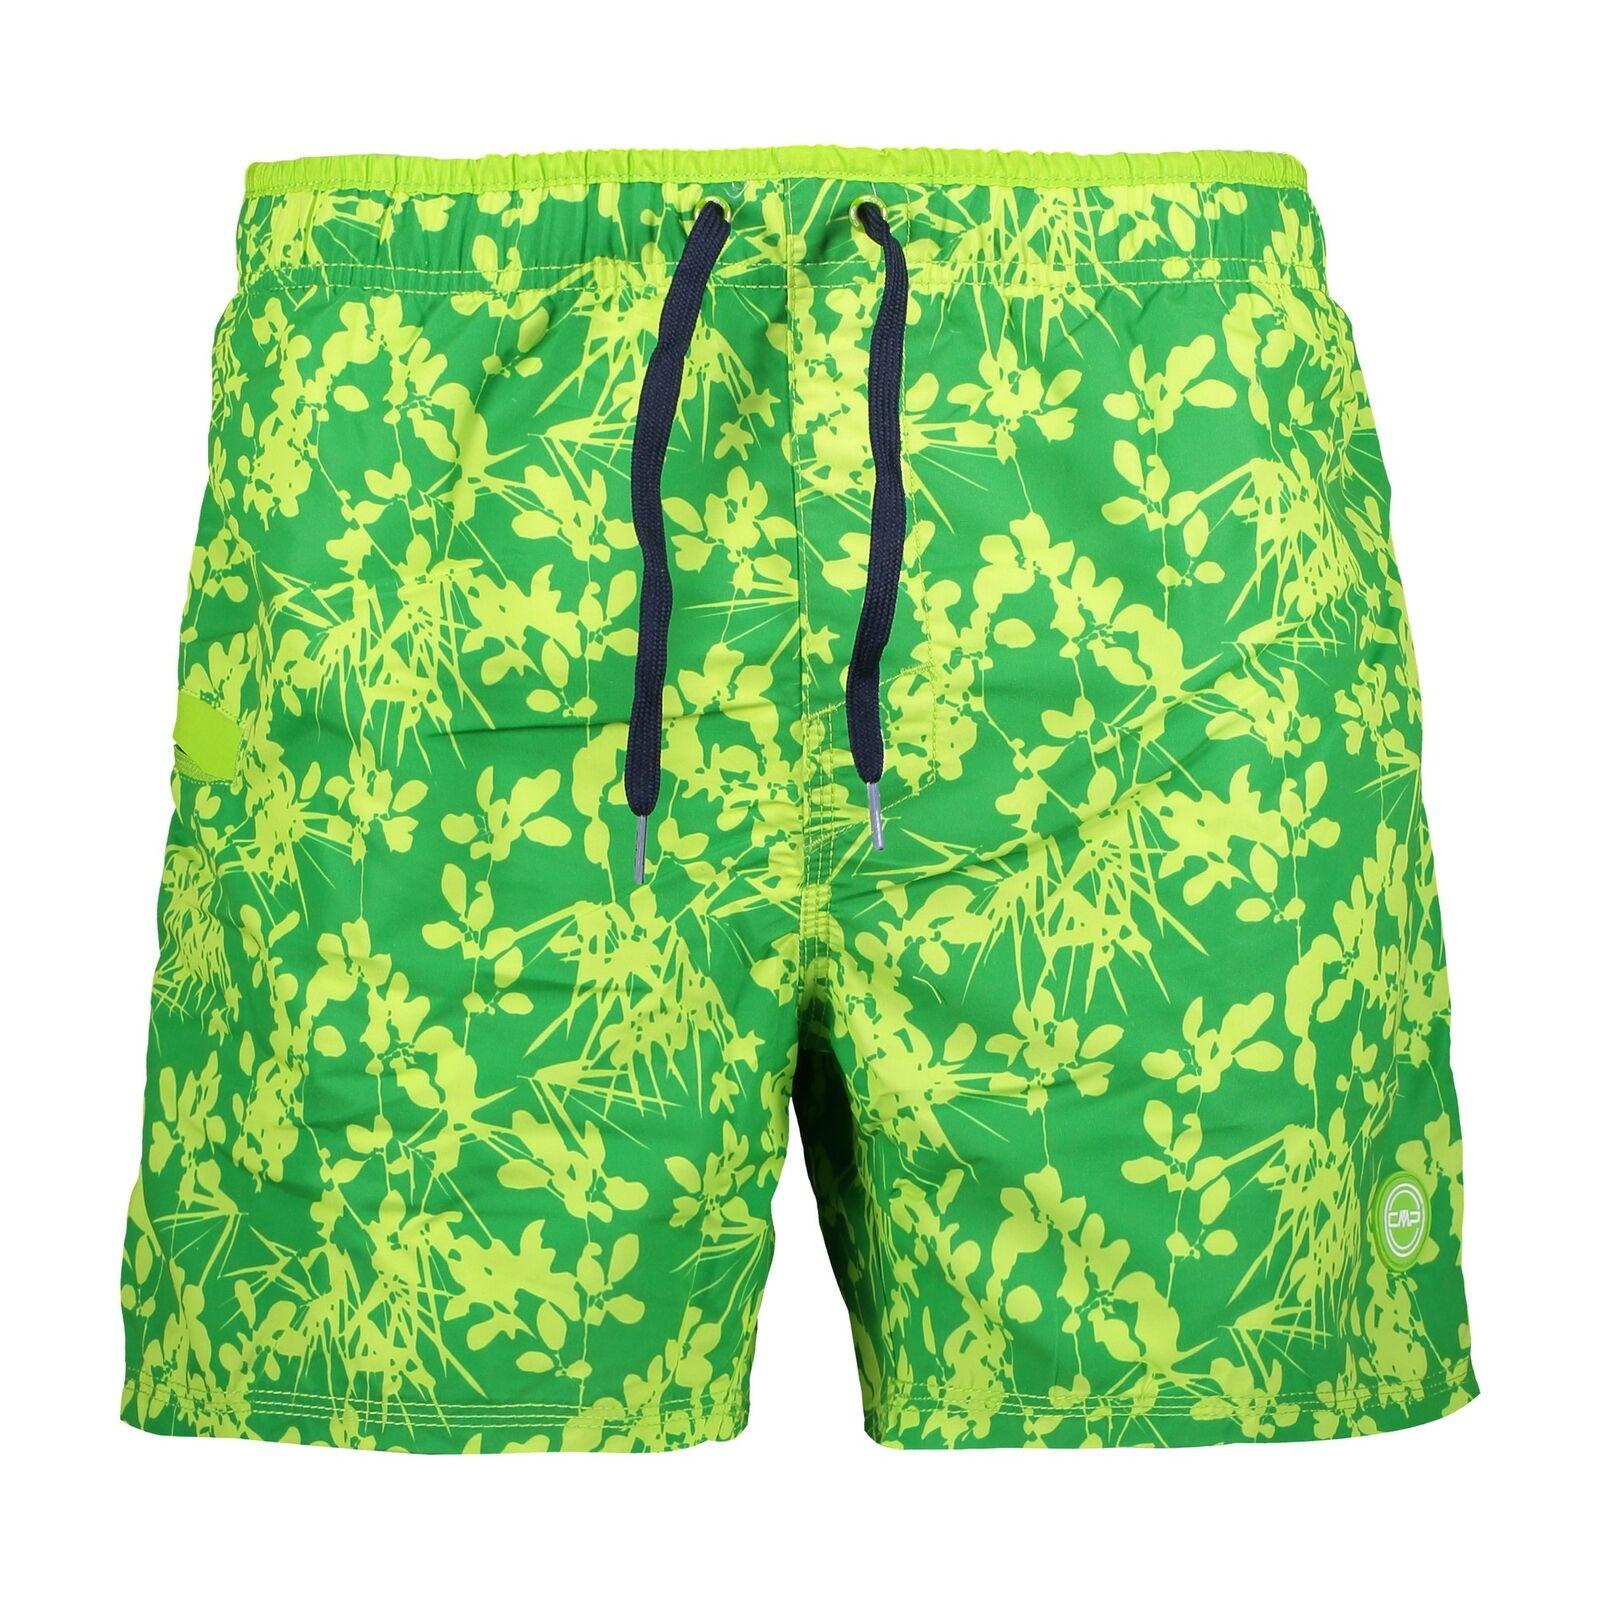 CMP Short Bañador Man Shorts green Estampado Flores Microfibra Parche Logo